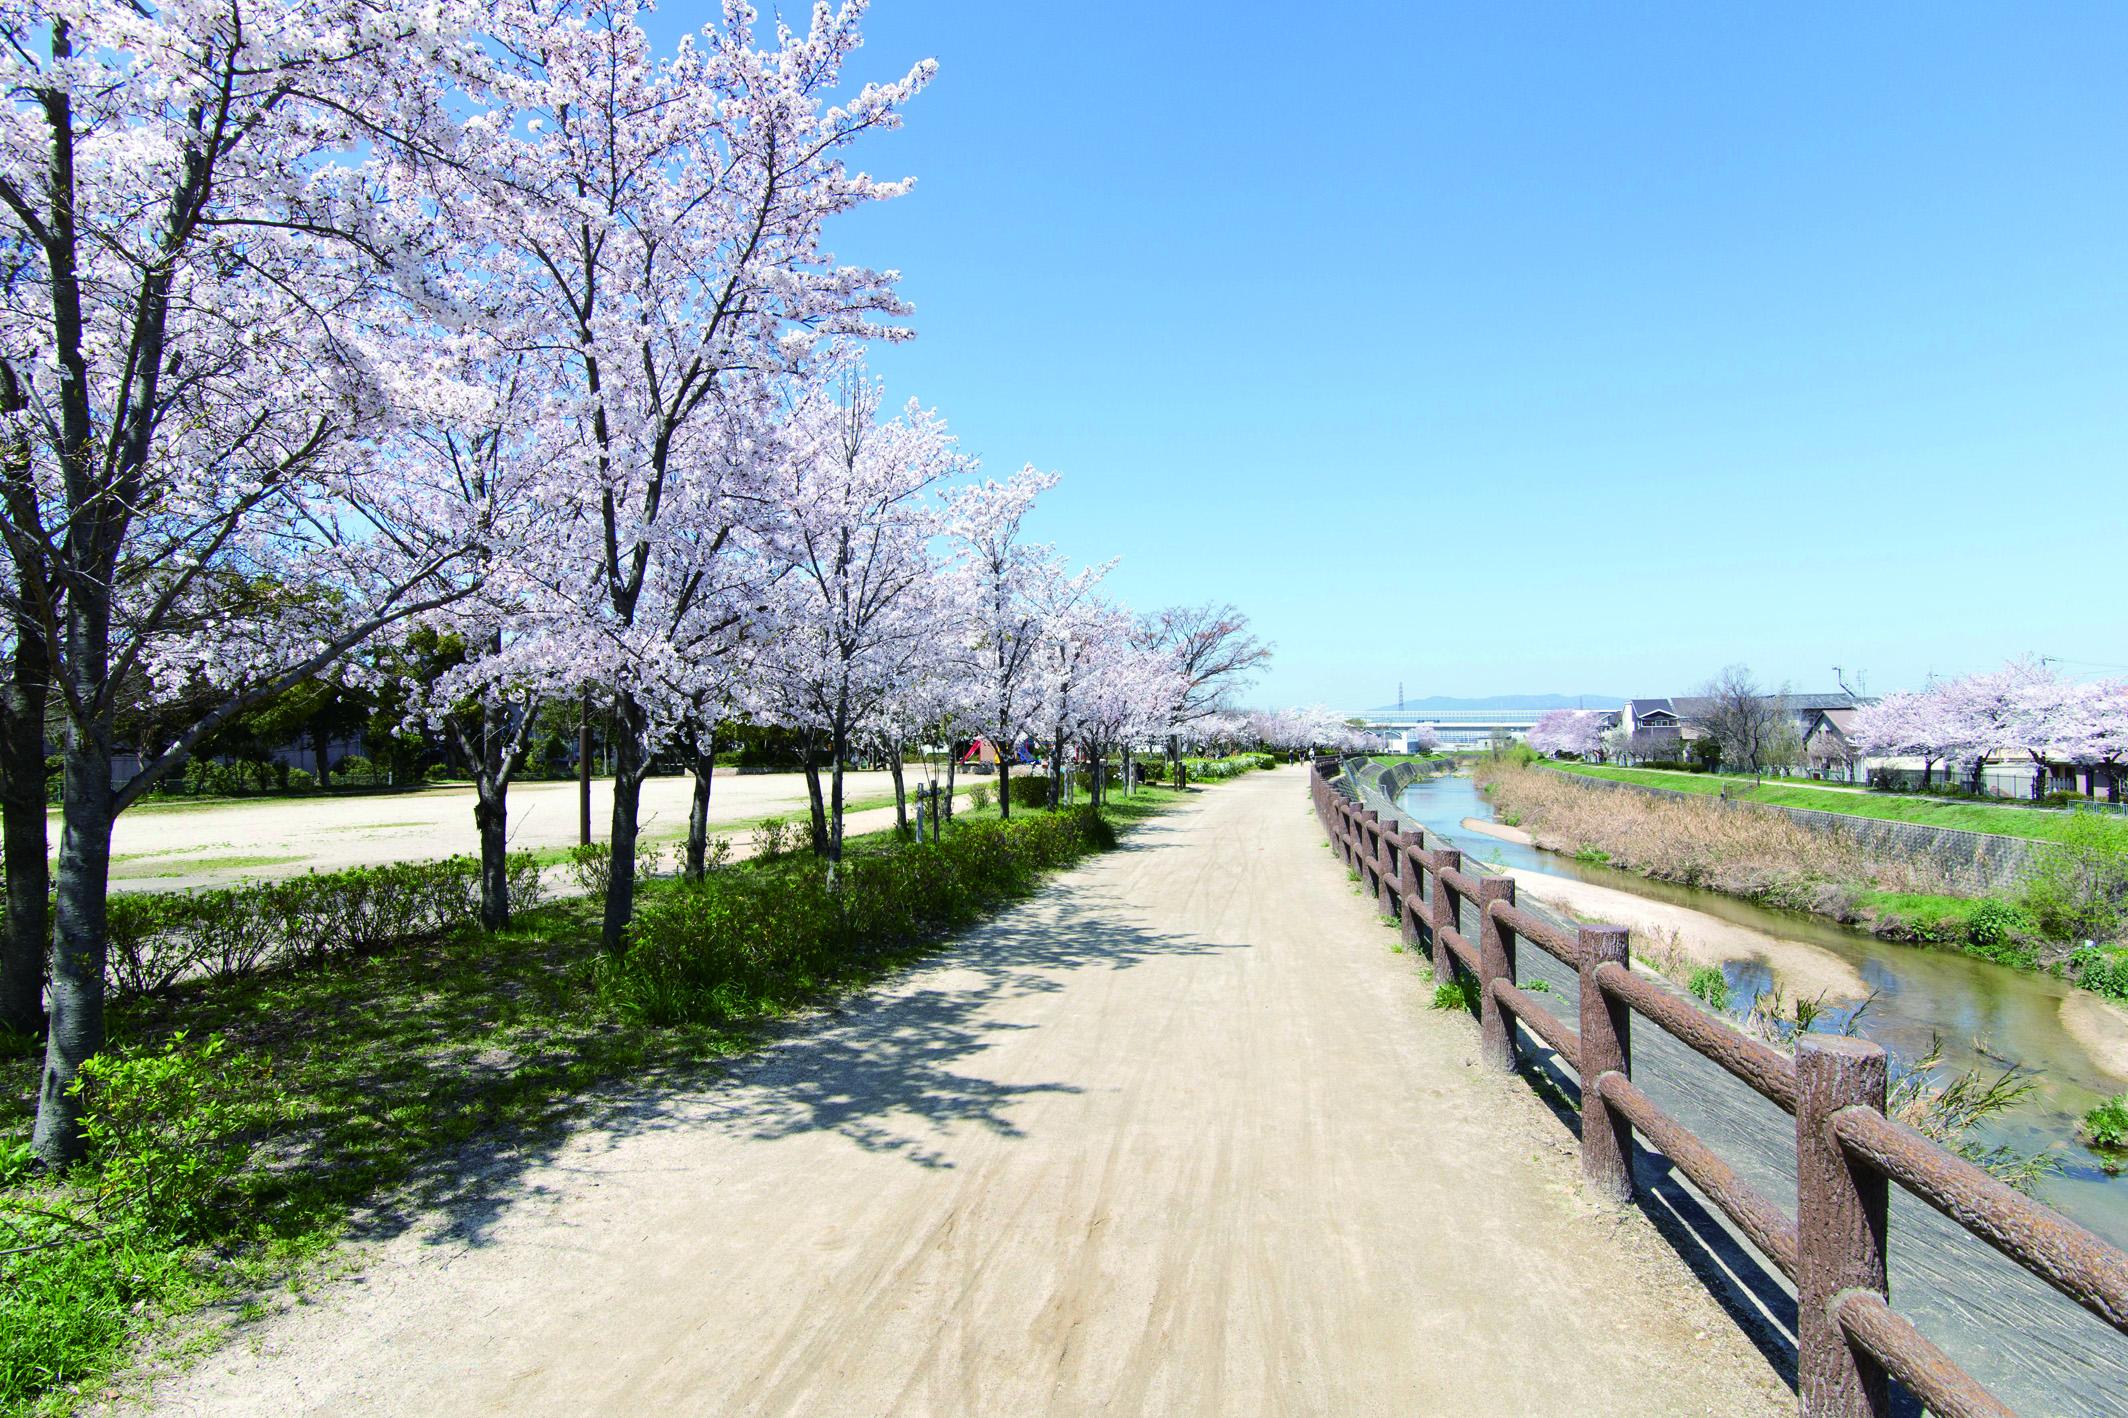 徒歩8分には公園などが整備された天野川緑地があります。